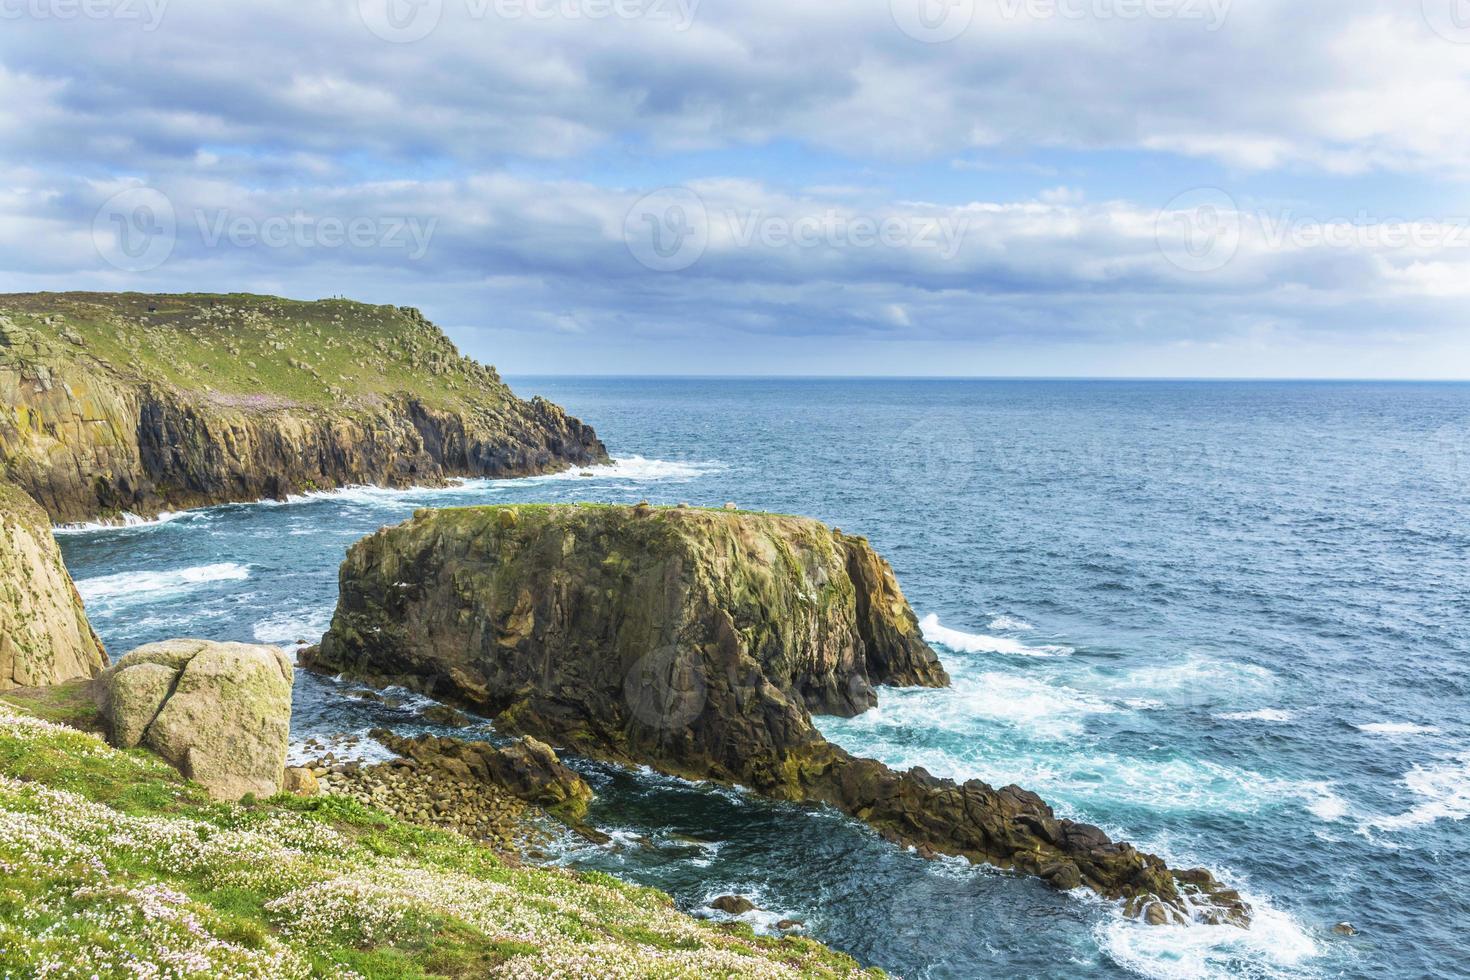 het land eindigt de kustlijn van Cornwall foto